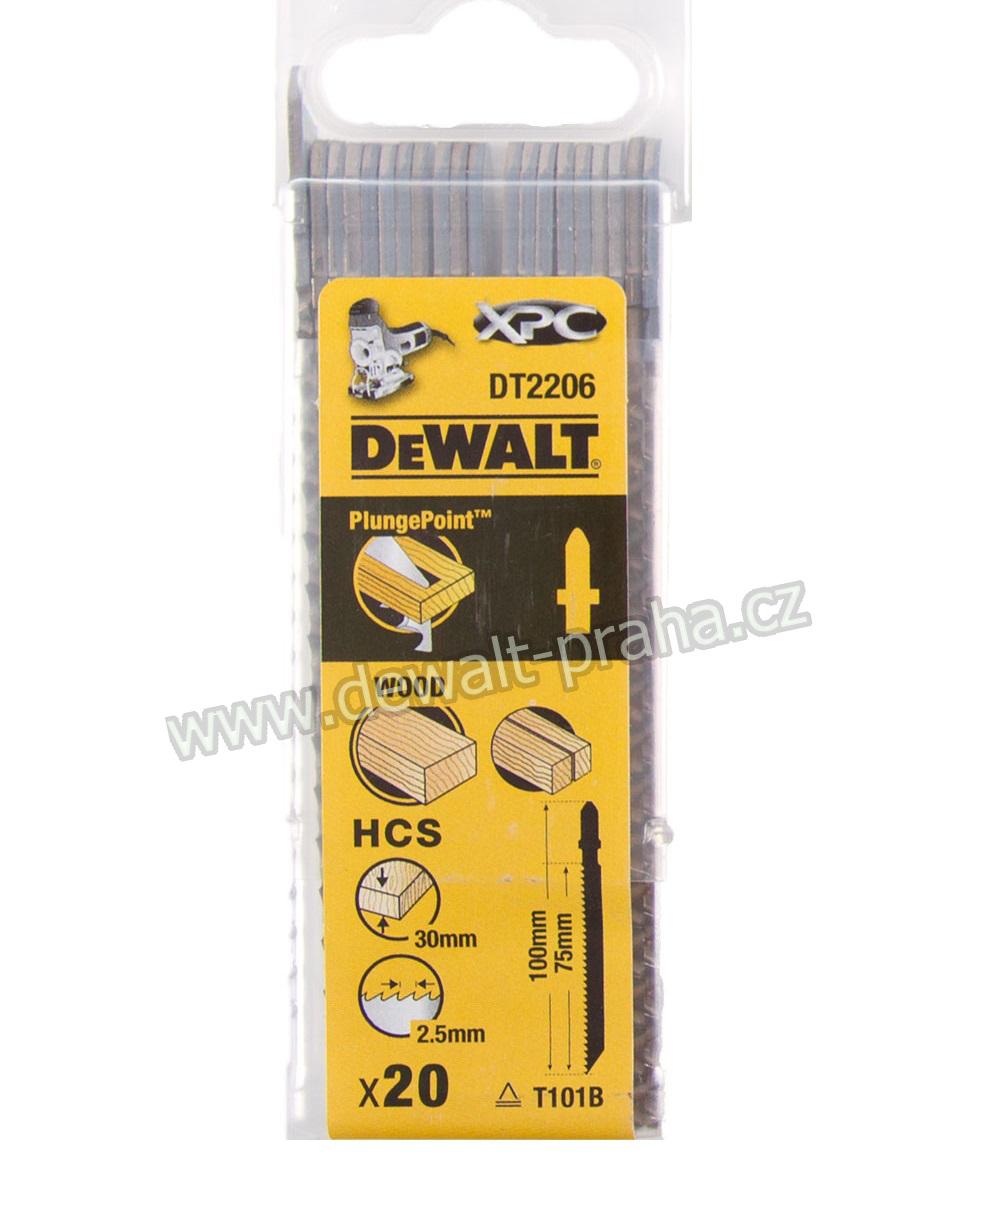 DT2206 DeWALT pilový plátek XPC 100 mm na dřevo 20ks z oceli s vysokým obsahem uhlíku (HCS)